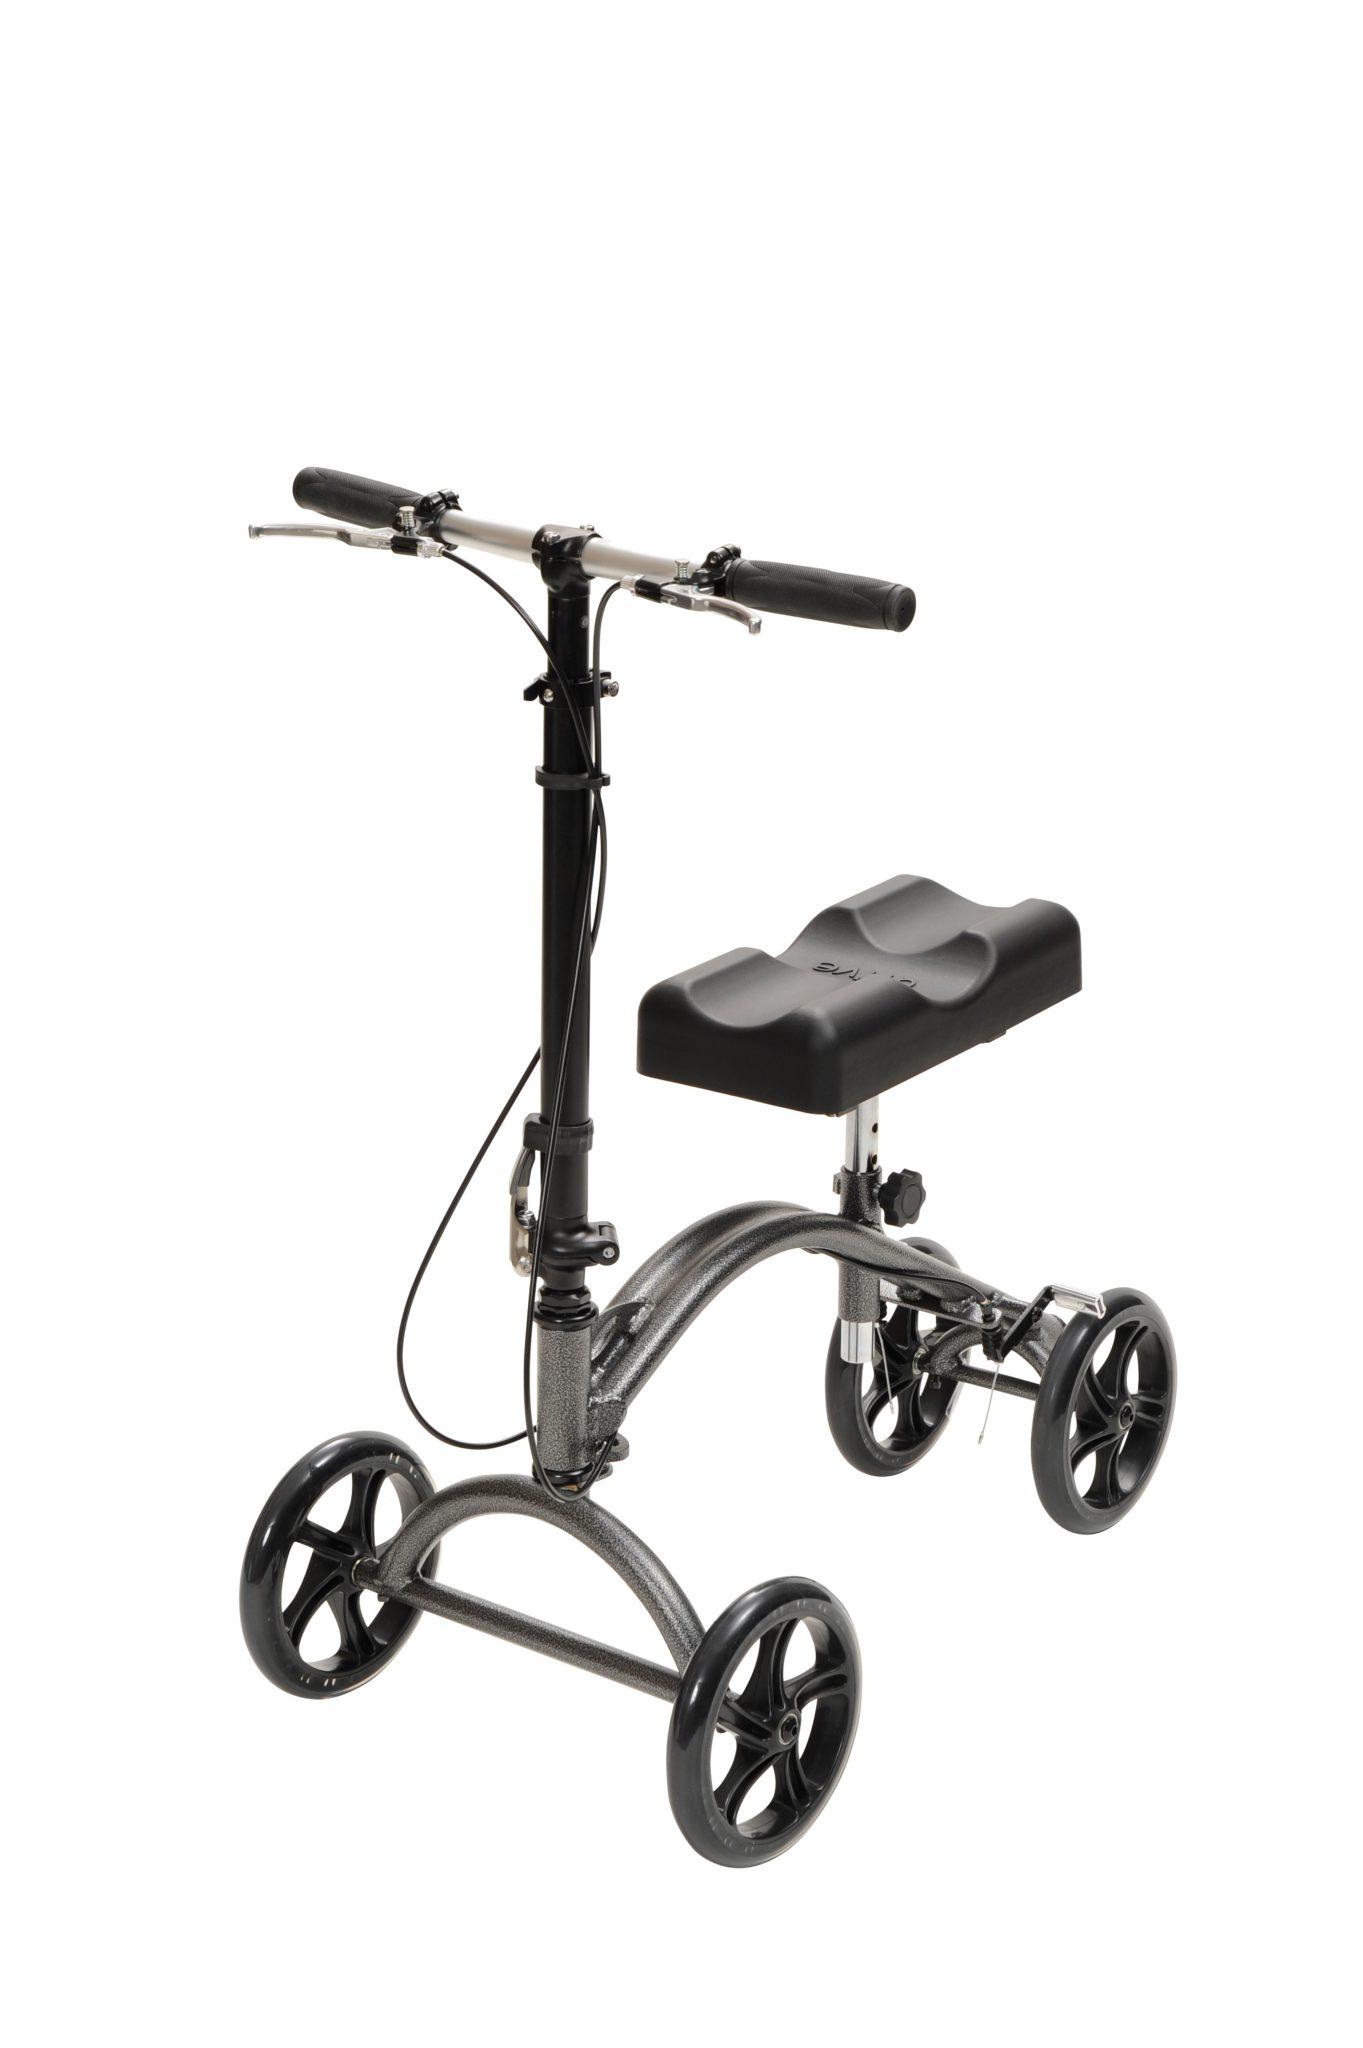 4 Wheel Steerable Knee Walker